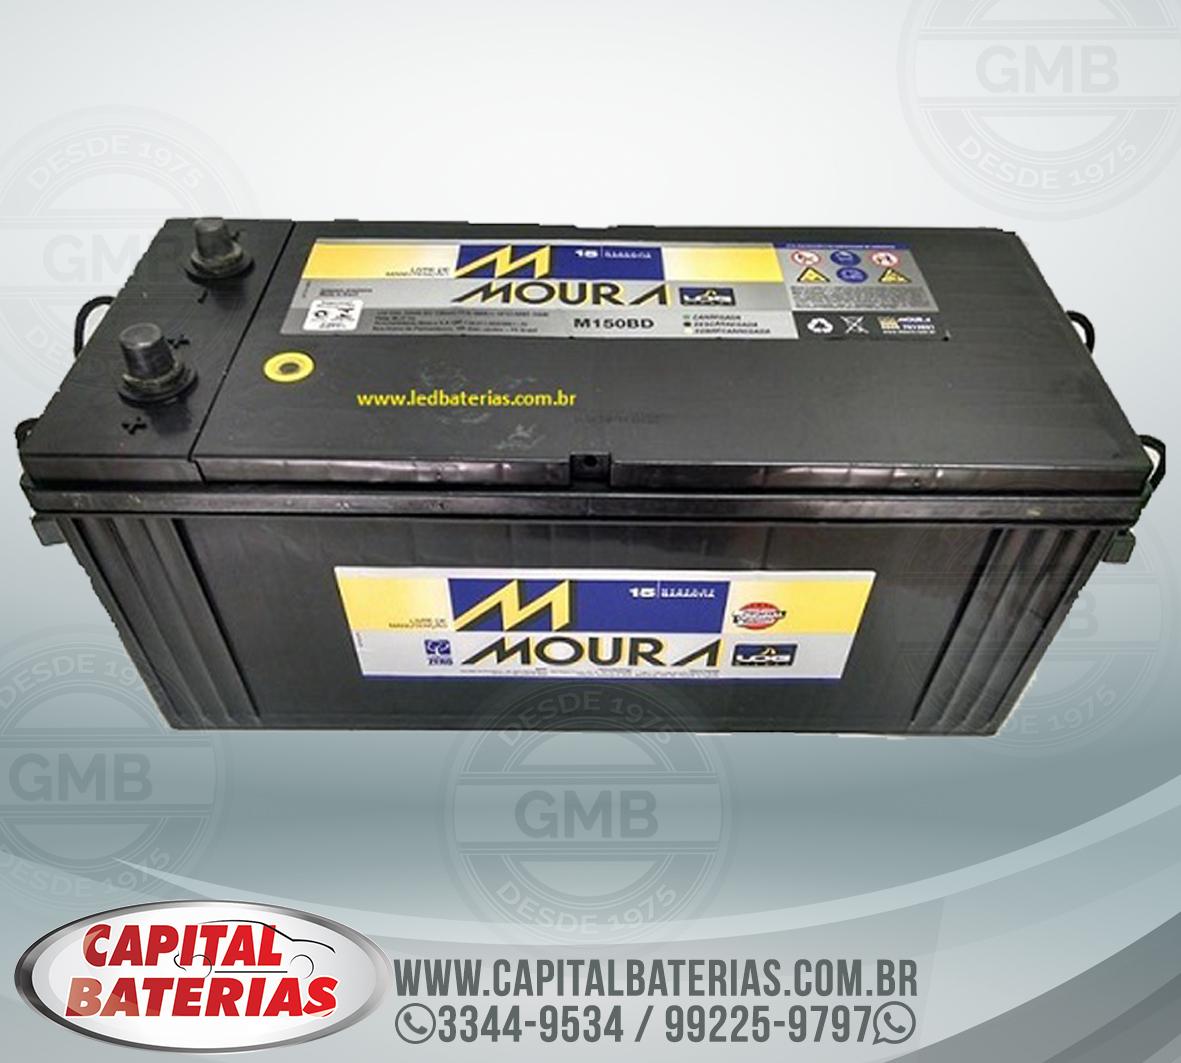 Lucas Moura Altura Y Peso: Capital Baterias